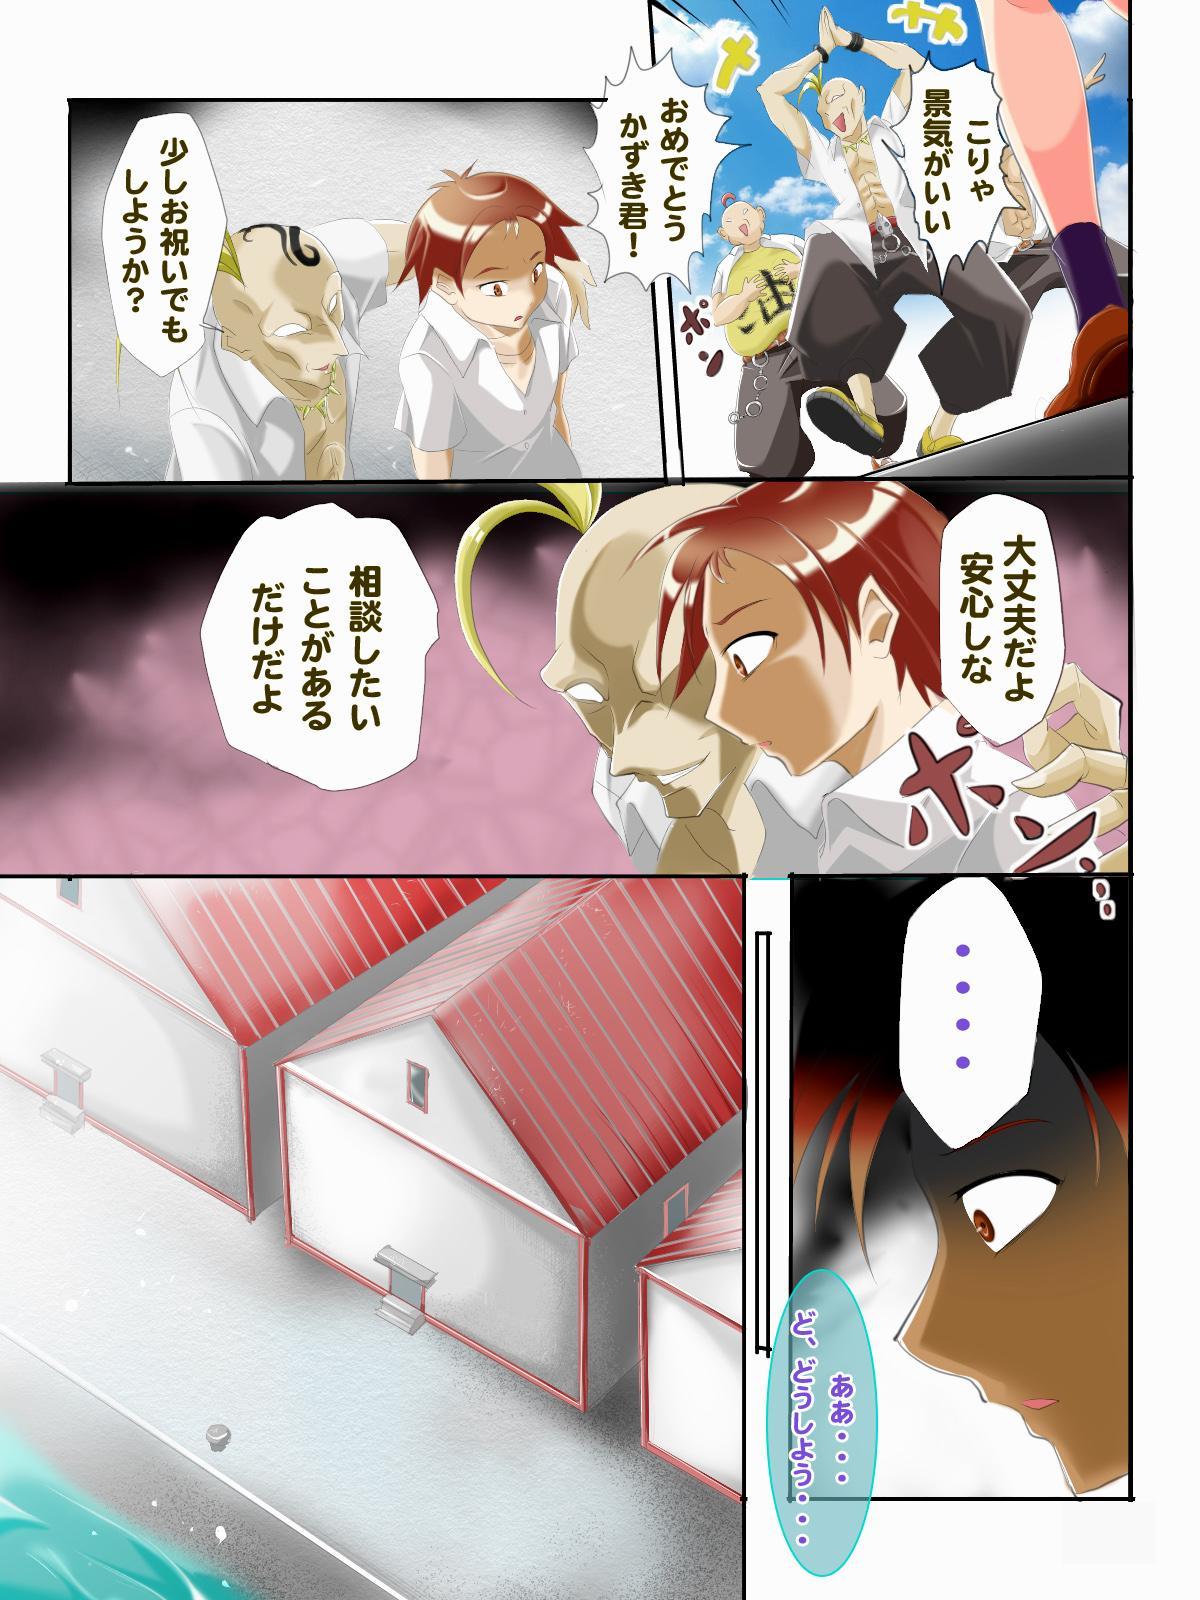 Yatto no Omoi de Tsukiatta Kanojo ga, Ore no Miteiru Mae de, Furyou Domo 3 Nin ni Zenbu no Ana wo Ryoujoku Sarechau Netorare! 3